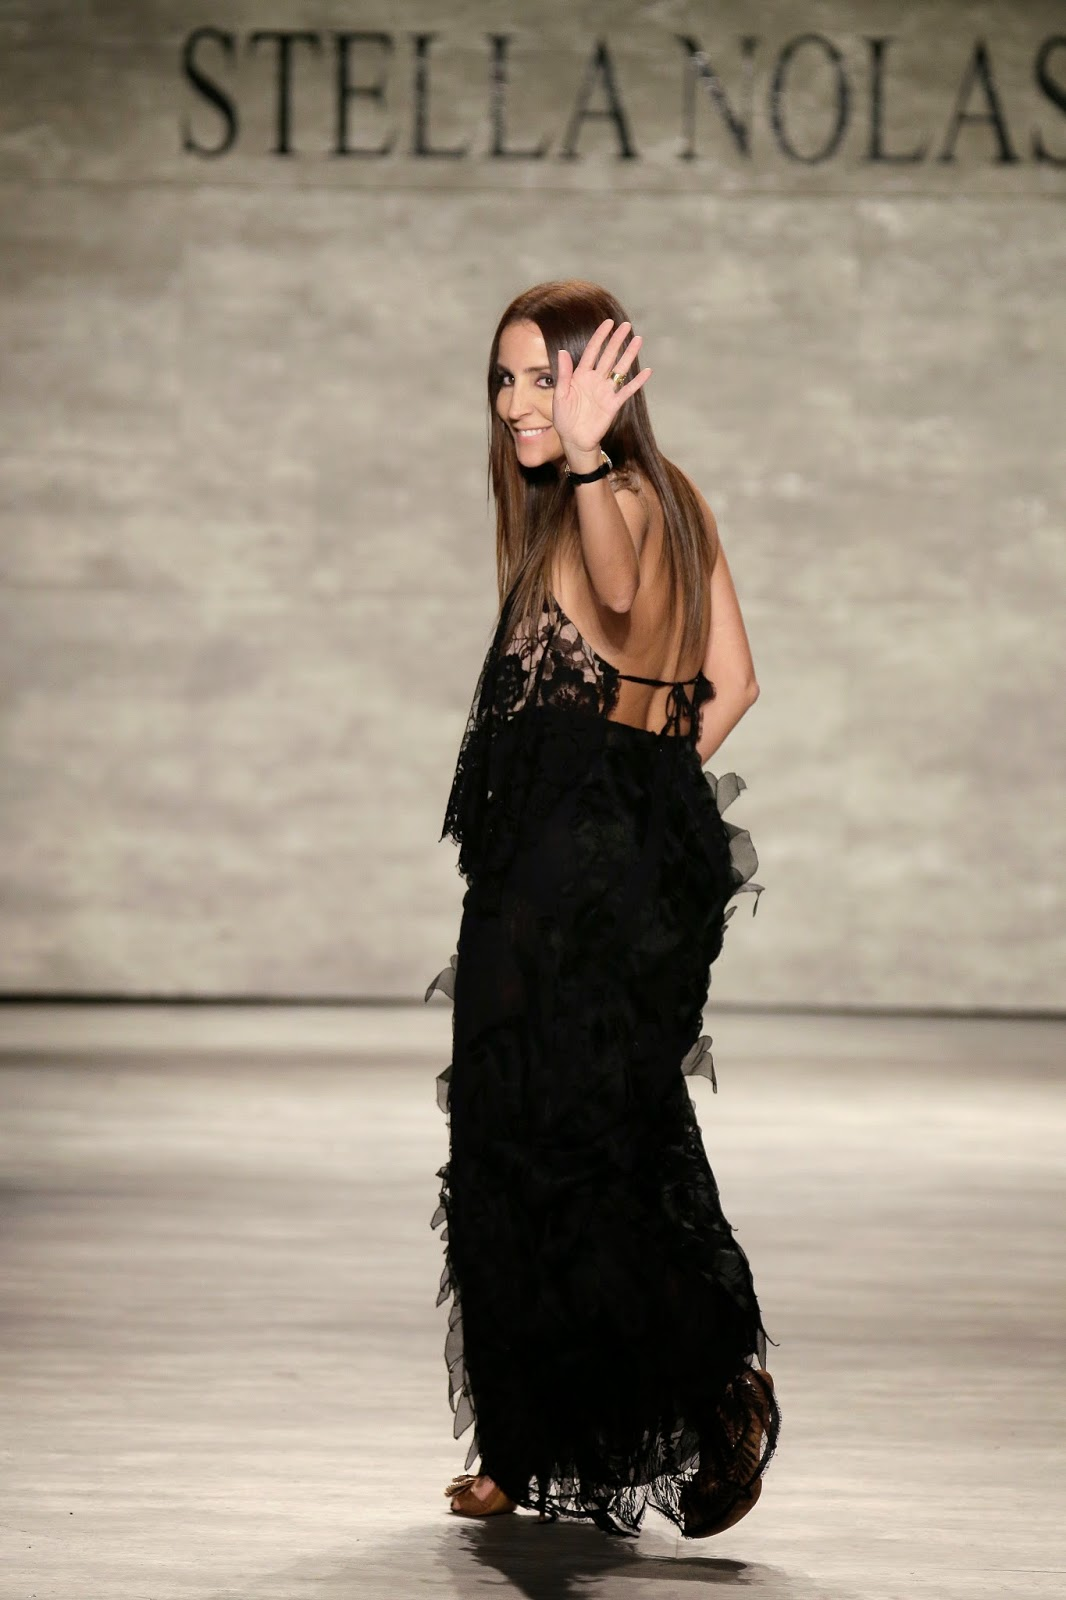 Stella nolasco fashion designer List of Puerto Ricans - Wikipedia